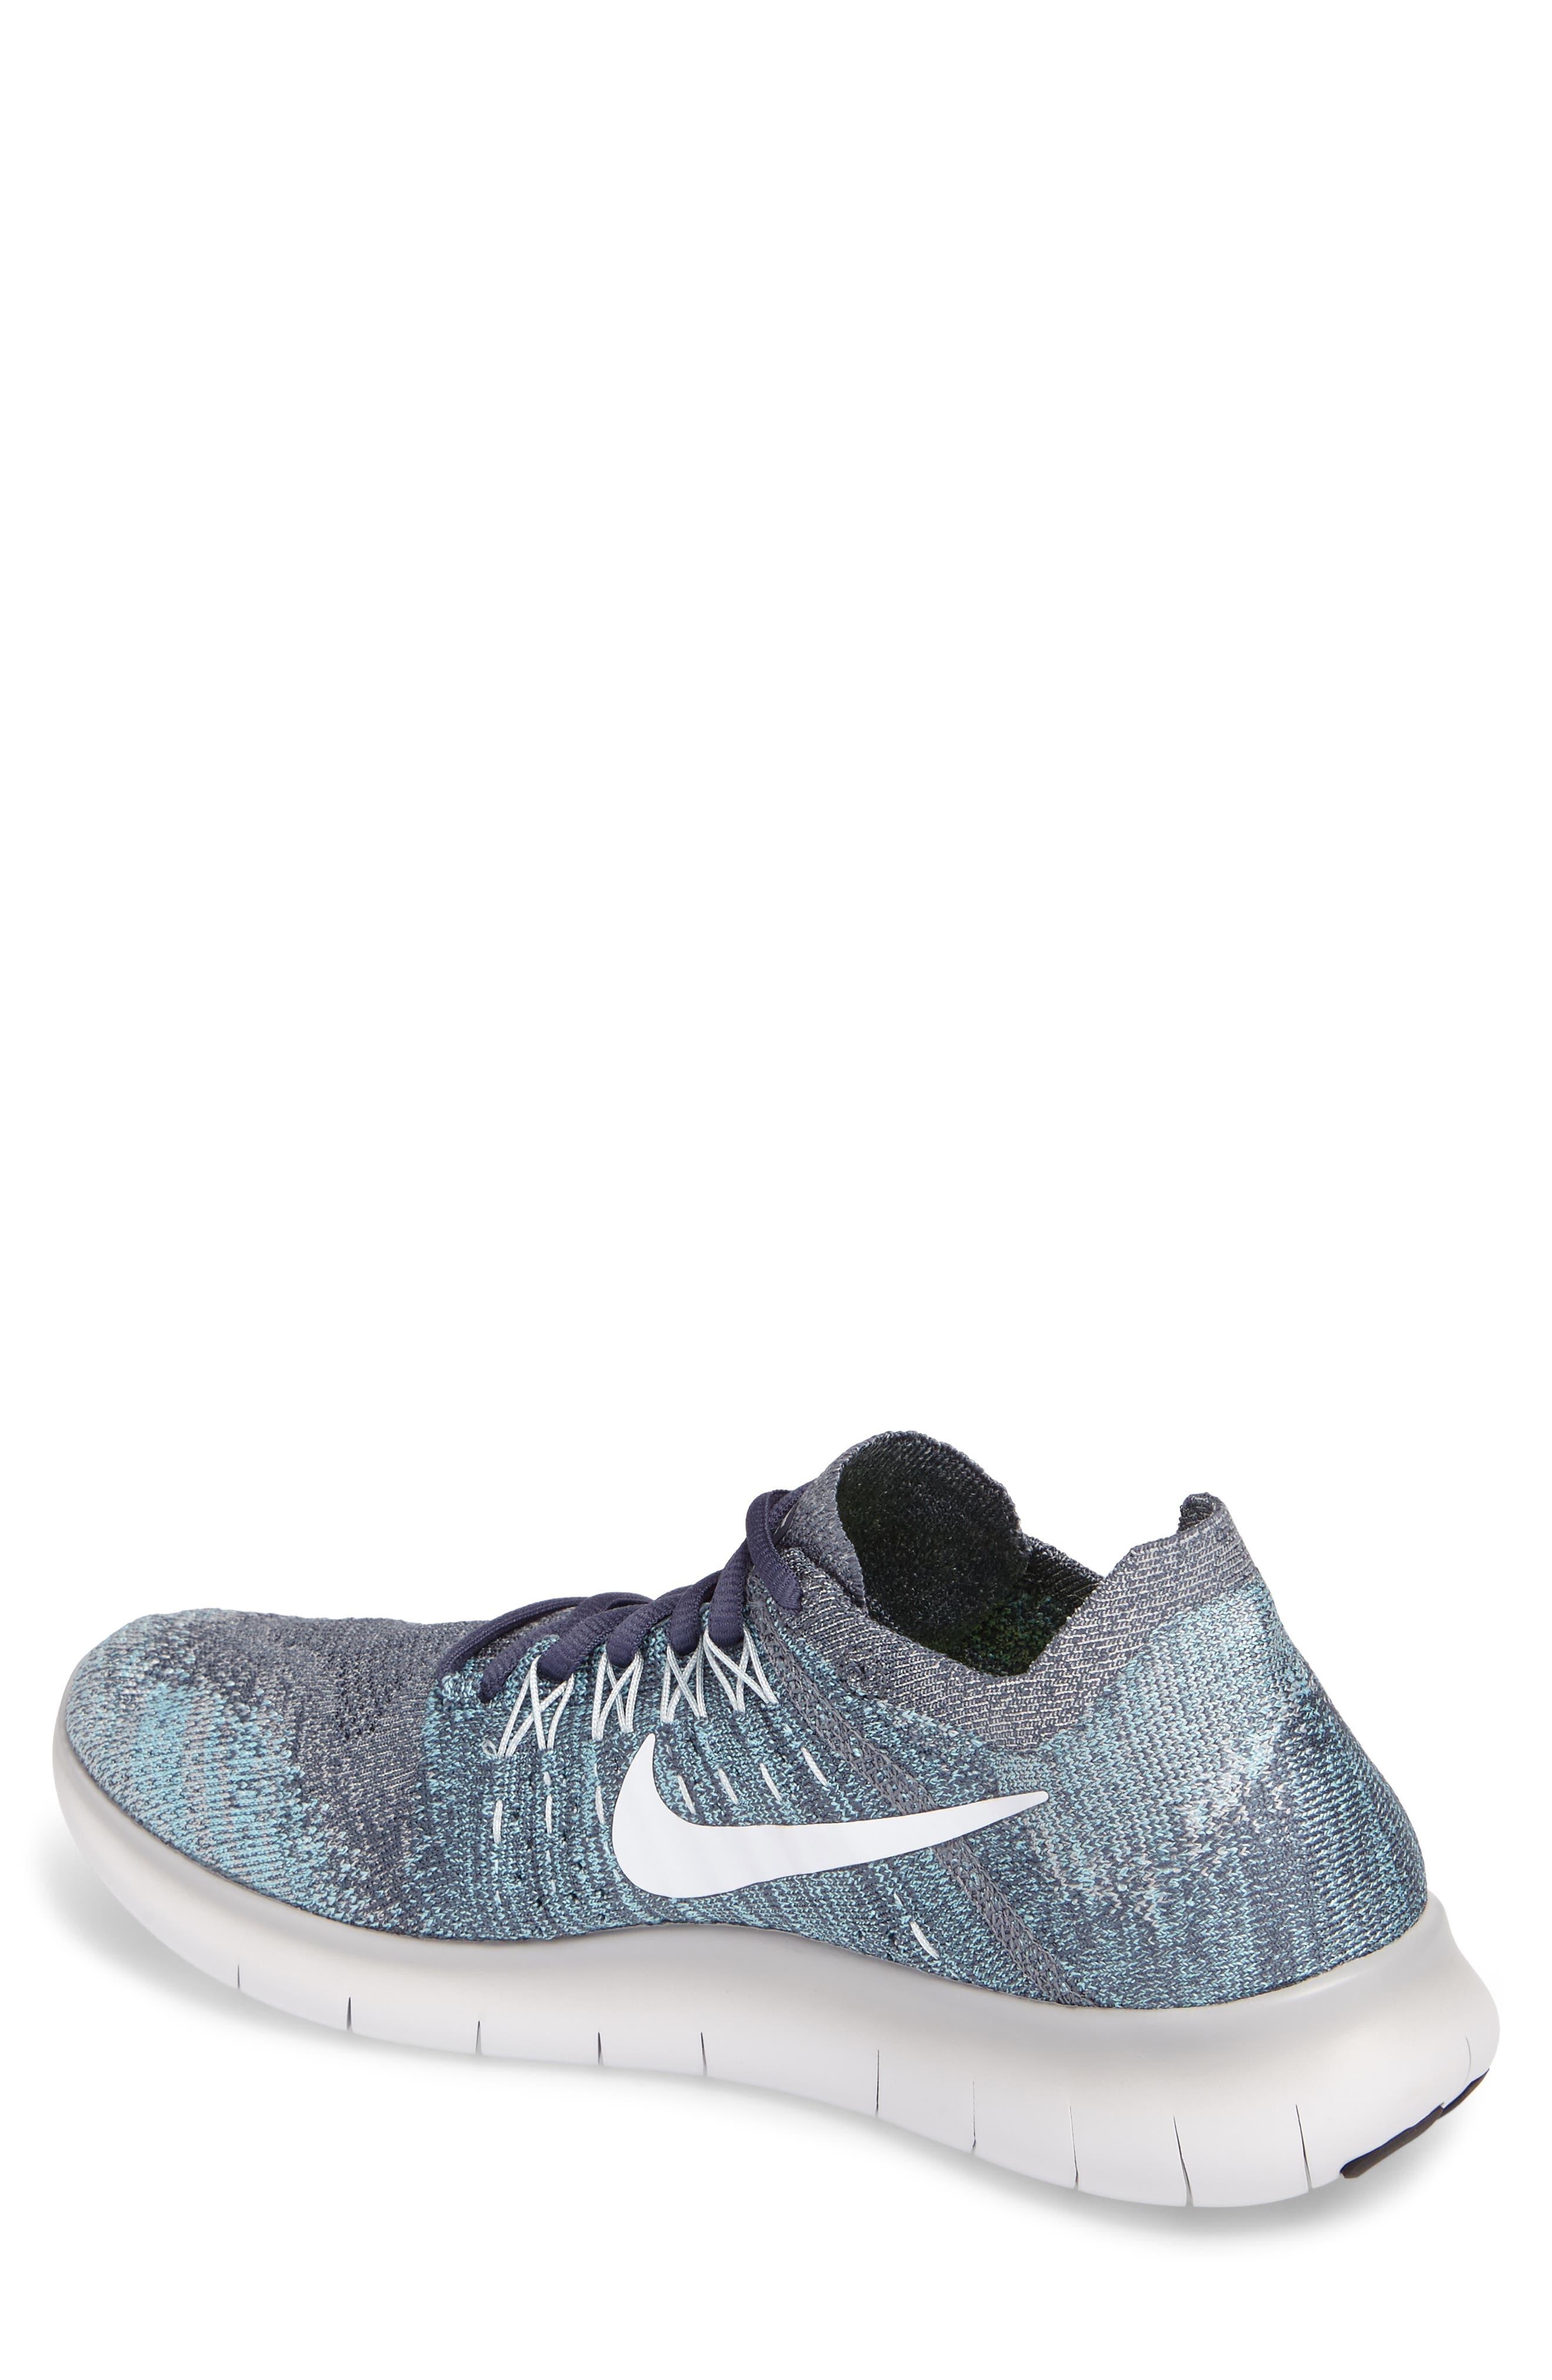 Alternate Image 2  - Nike Free Run Flyknit 2017 Running Shoe (Men)